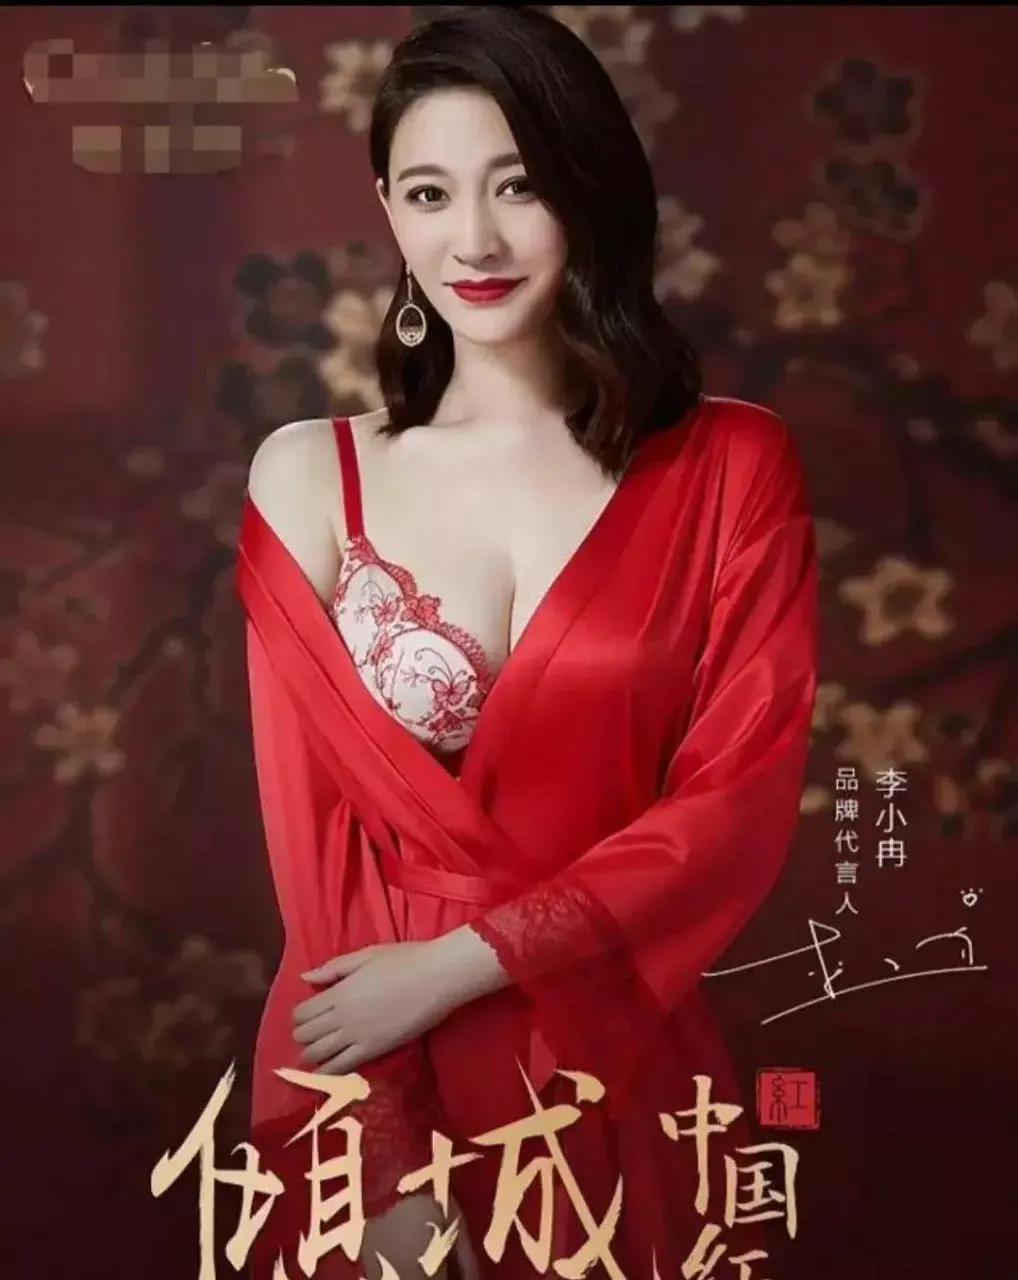 看了李小冉的內衣秀,才真正明白她有多么優秀